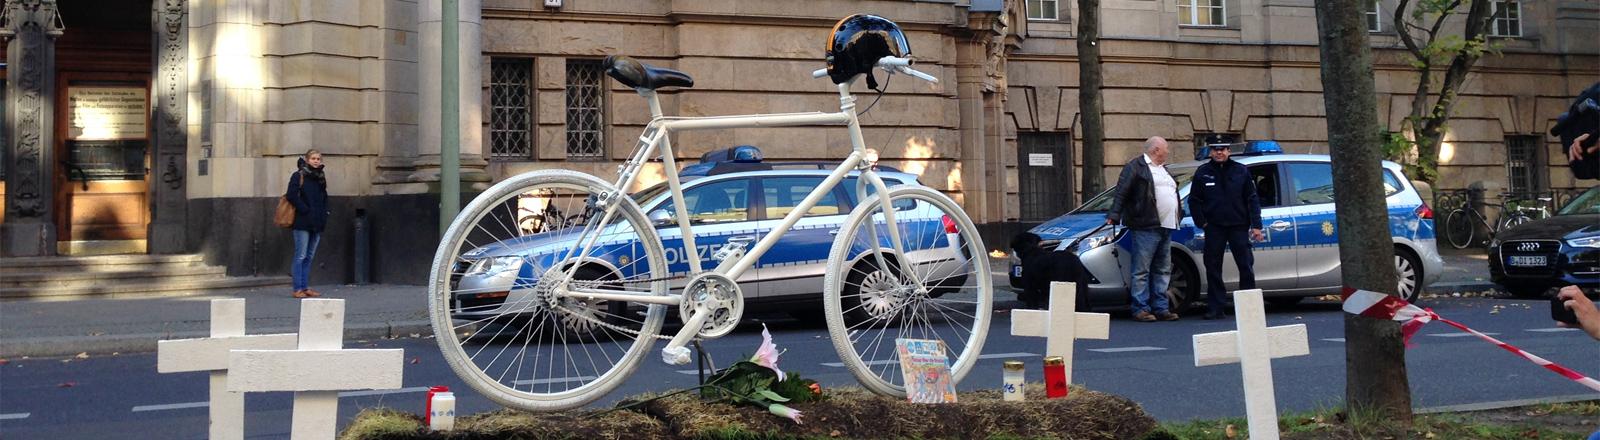 Mahnwache vor dem Amtsgericht Tiergarten Berlin am 12.10.2015: Lkw-Fahrer wurde zu 5000 Euro verurteilt nachdem er einen Fahrradfahrer fahrlässig tötete.